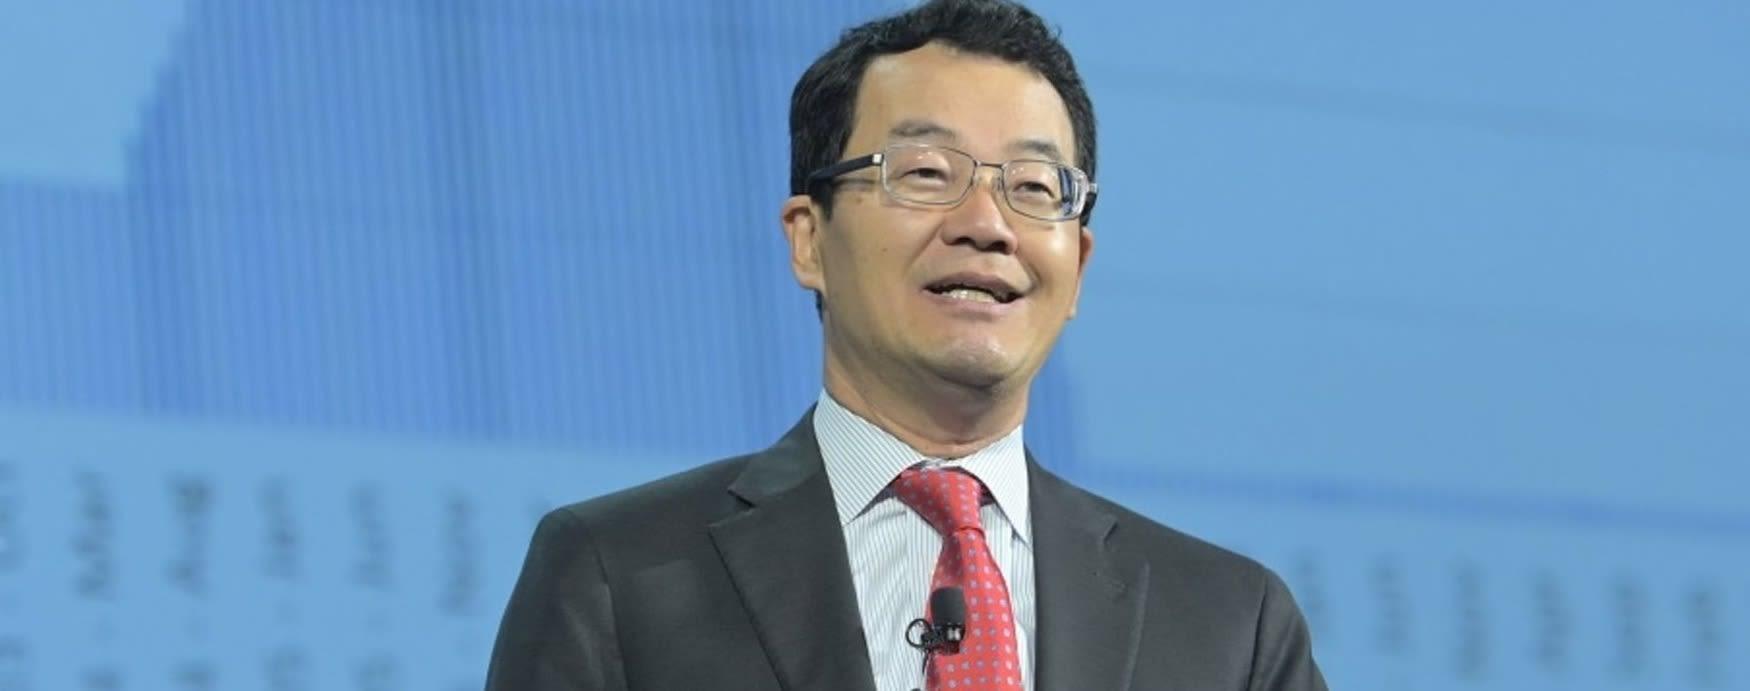 Yun: Barring a Major Trade War, No Recession in Sight